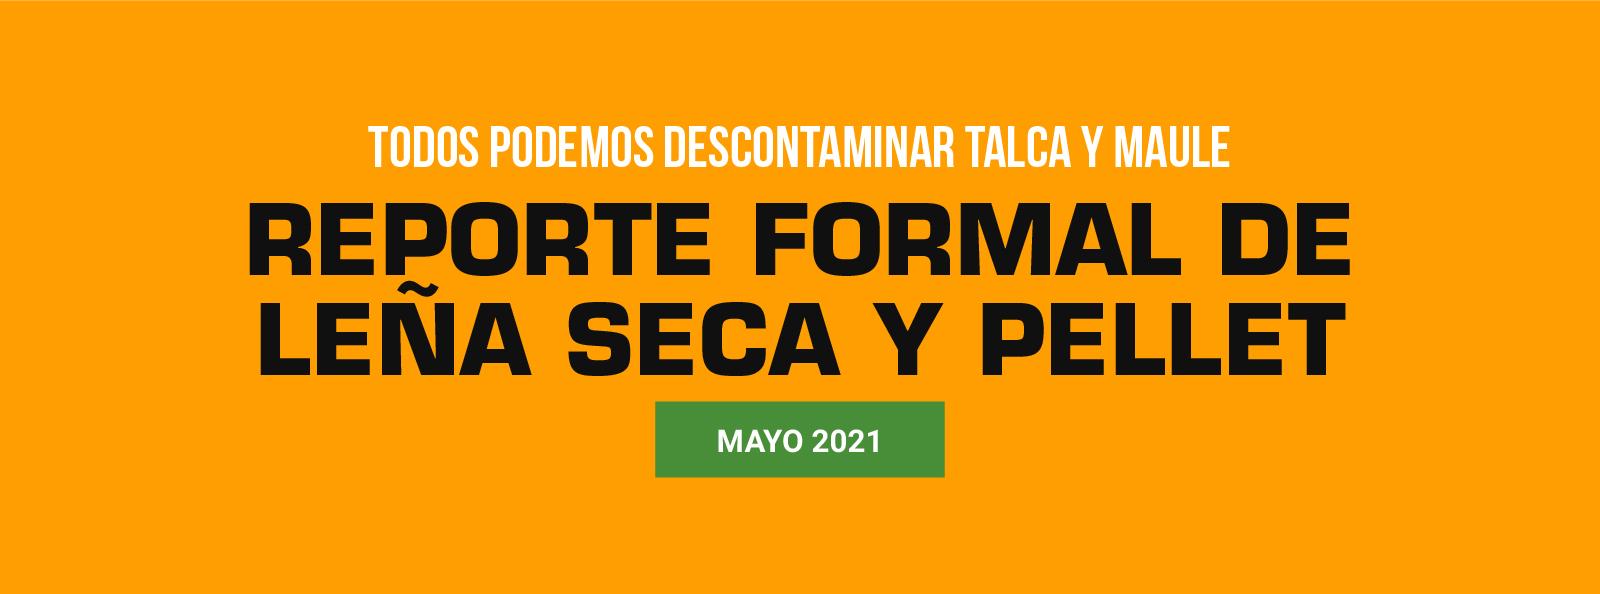 Reporte de comercio formal de leña seca y pellet mayo 2021